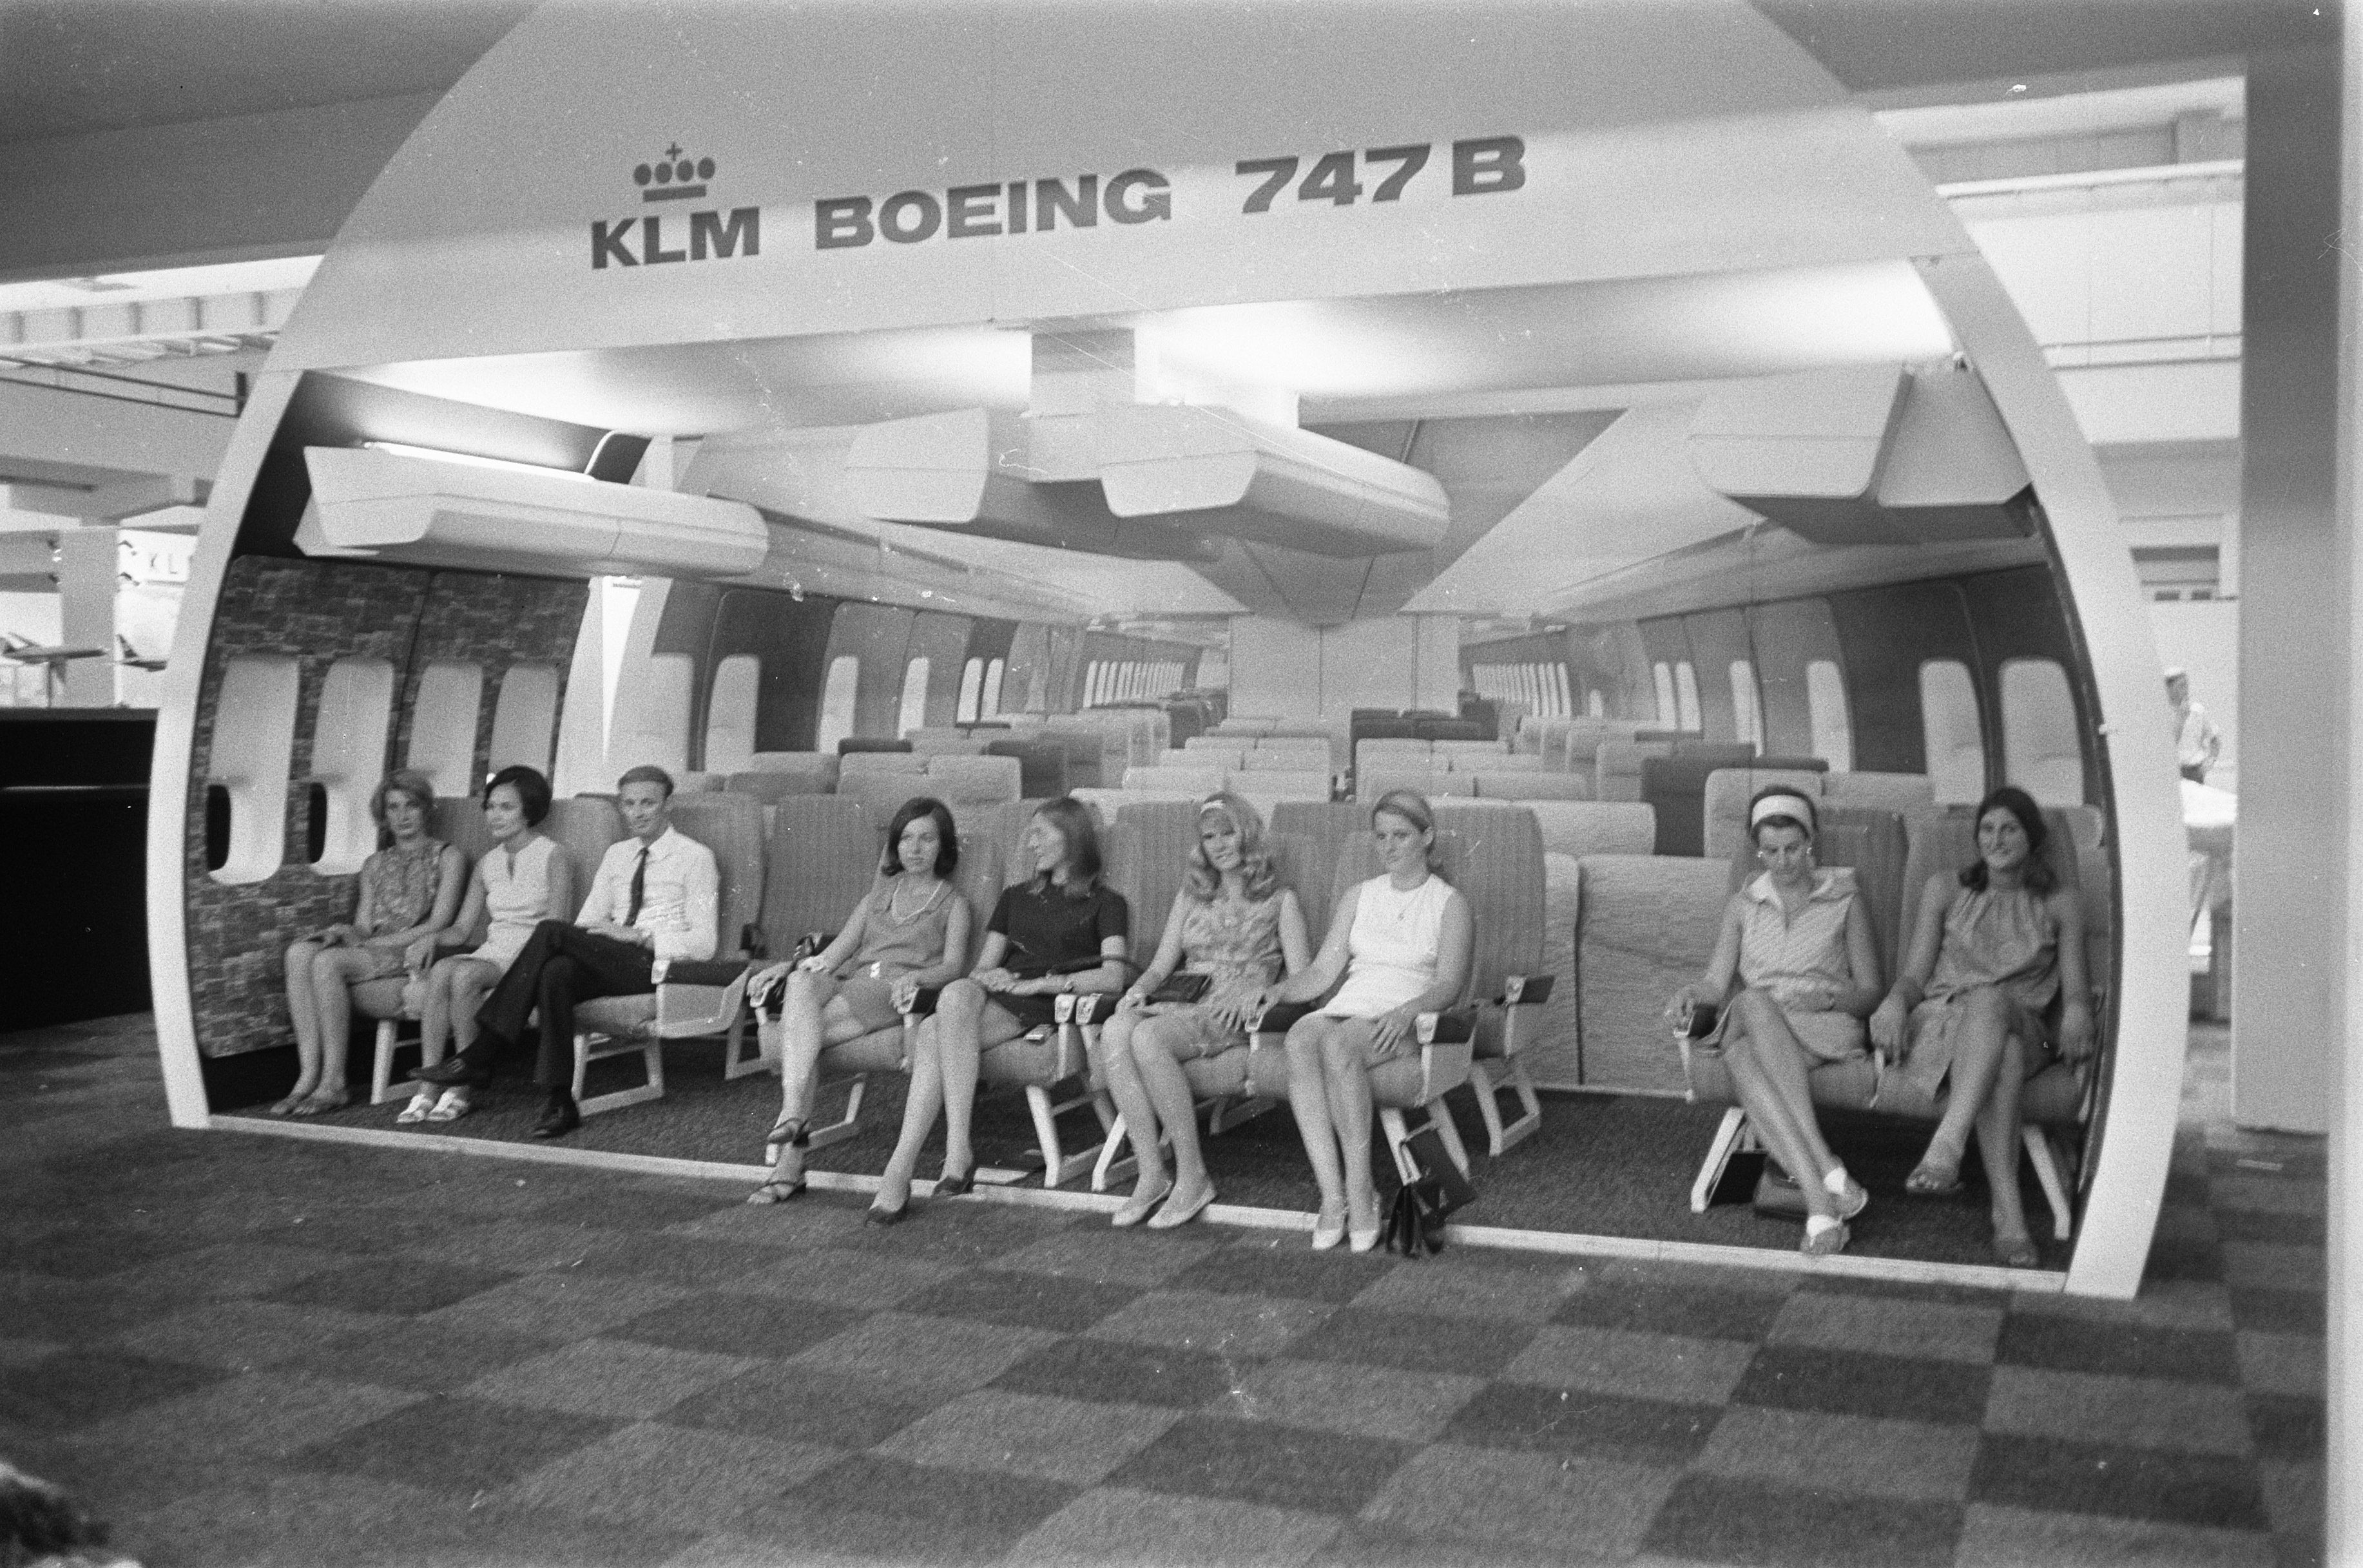 File:een model van het interieur van een boeing jumbo jet